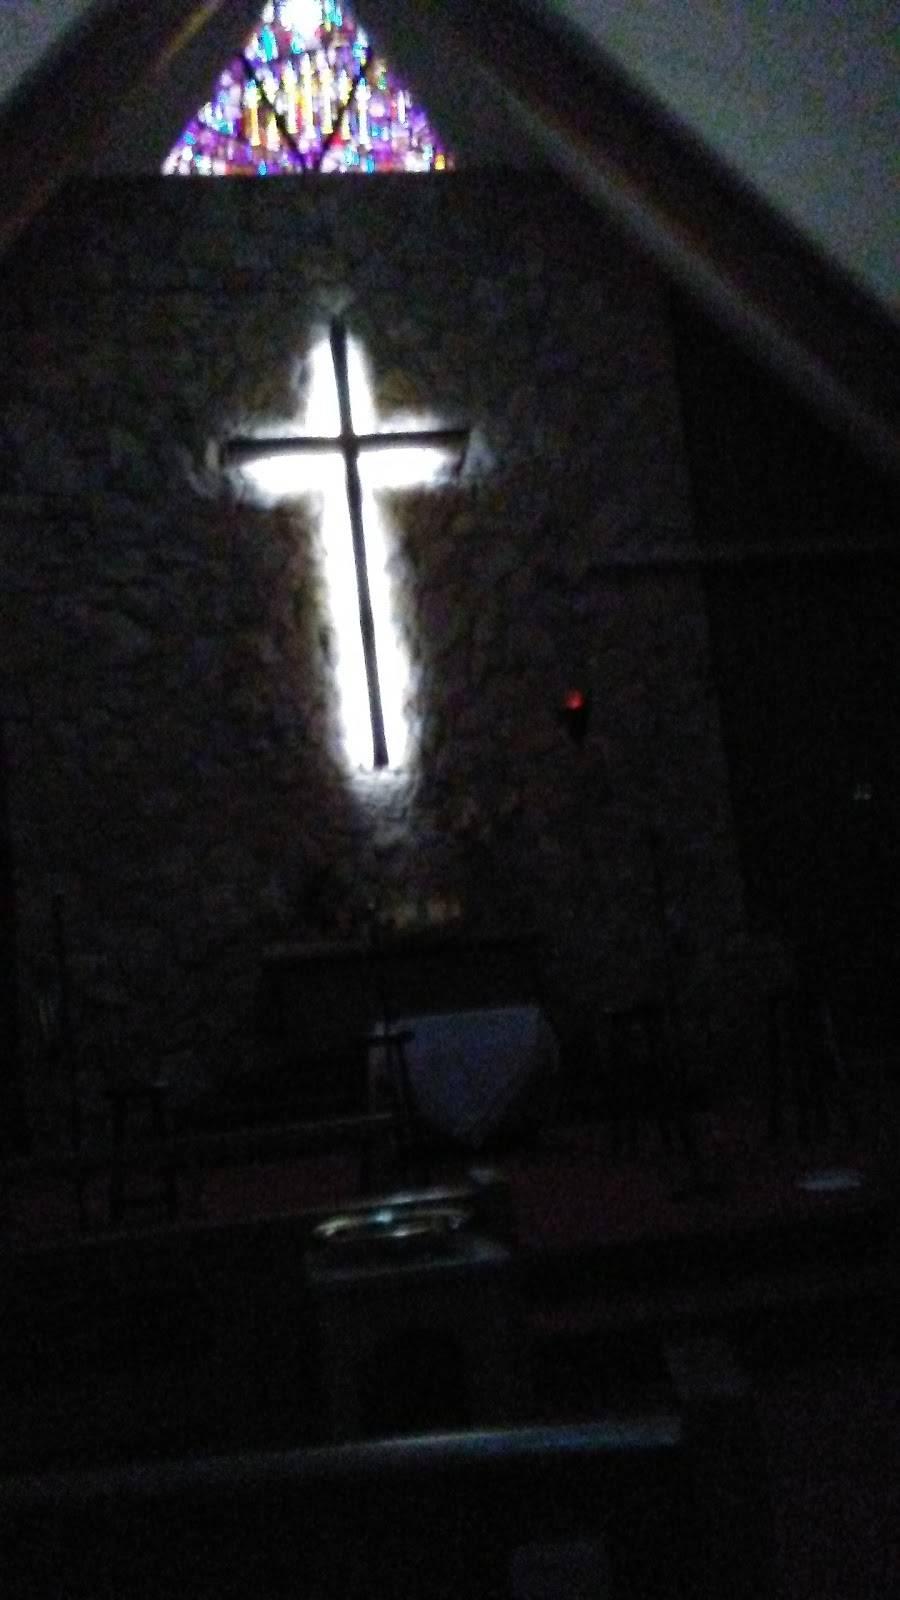 Mt. Vernon United Methodist Church - church  | Photo 6 of 6 | Address: 5701 E Mt Vernon St, Wichita, KS 67218, USA | Phone: (316) 684-6141